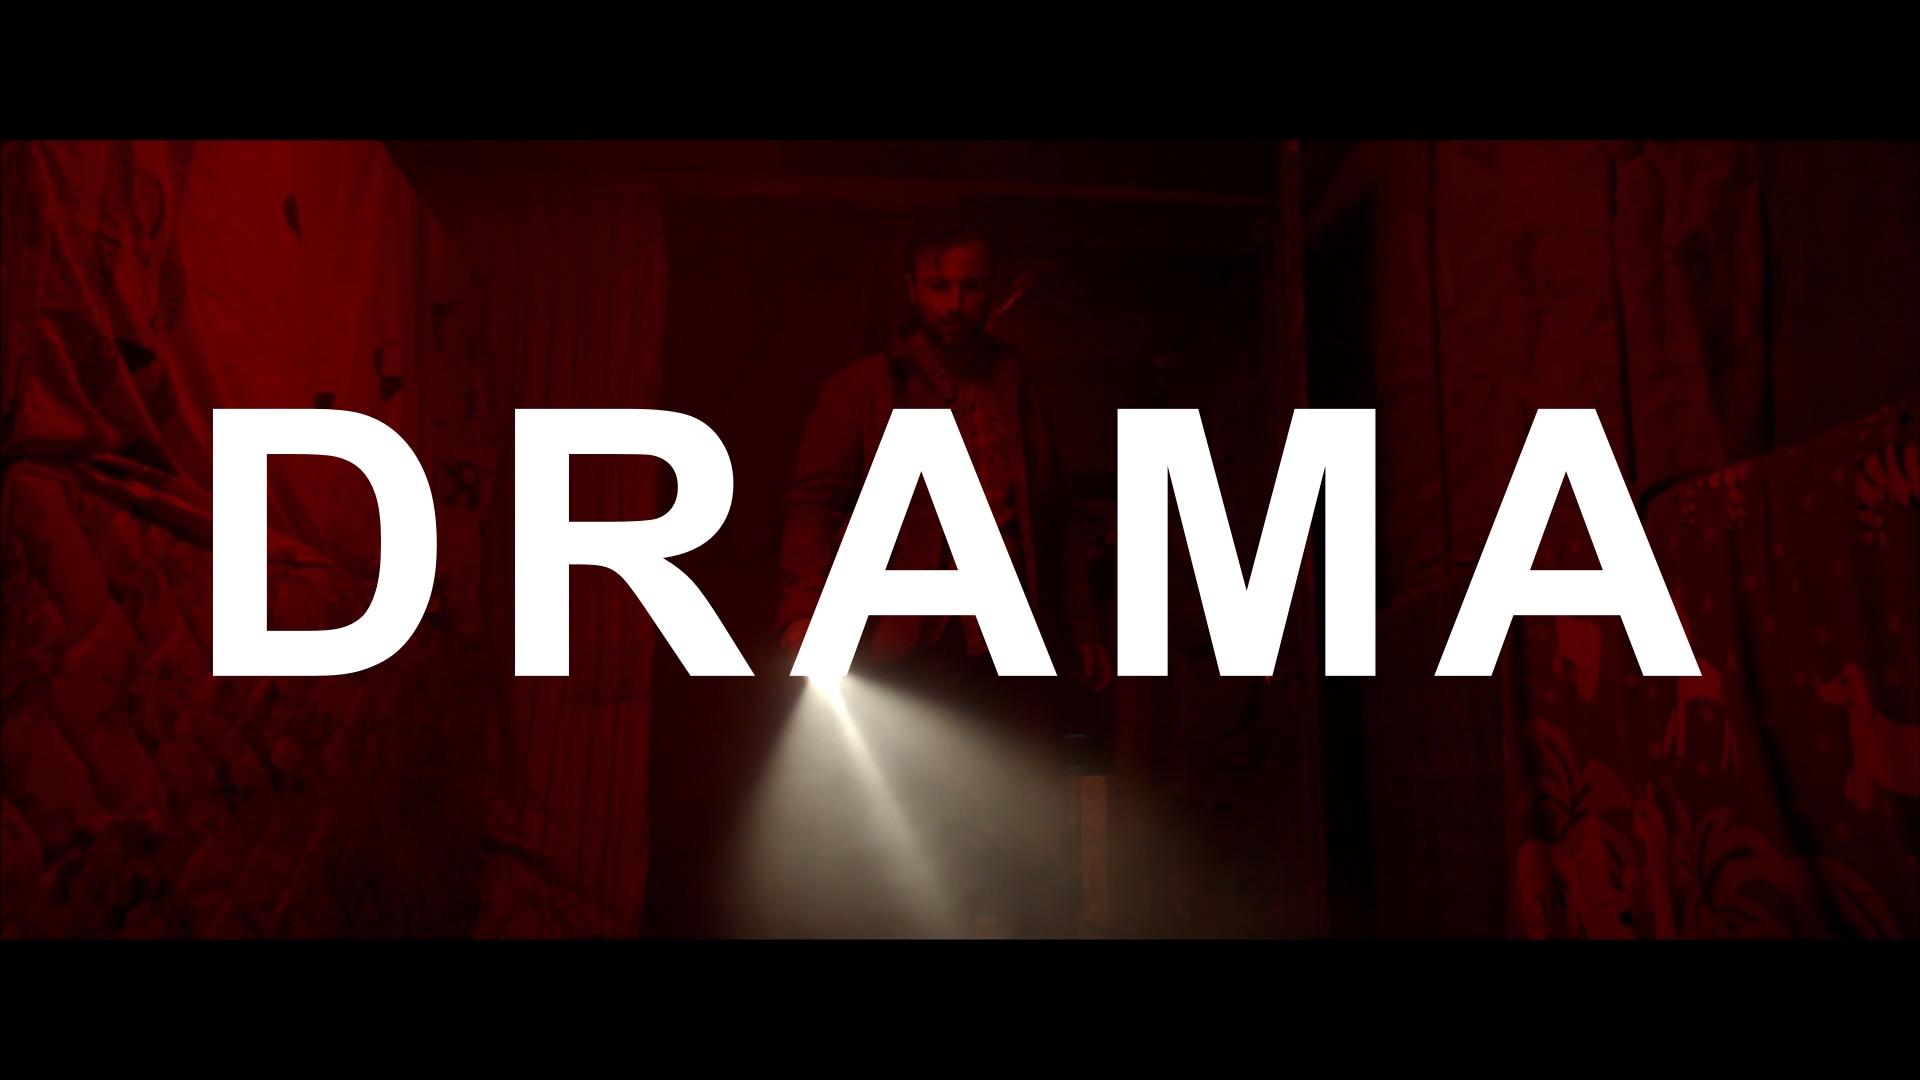 dramam reel stills_1.1.2.jpg